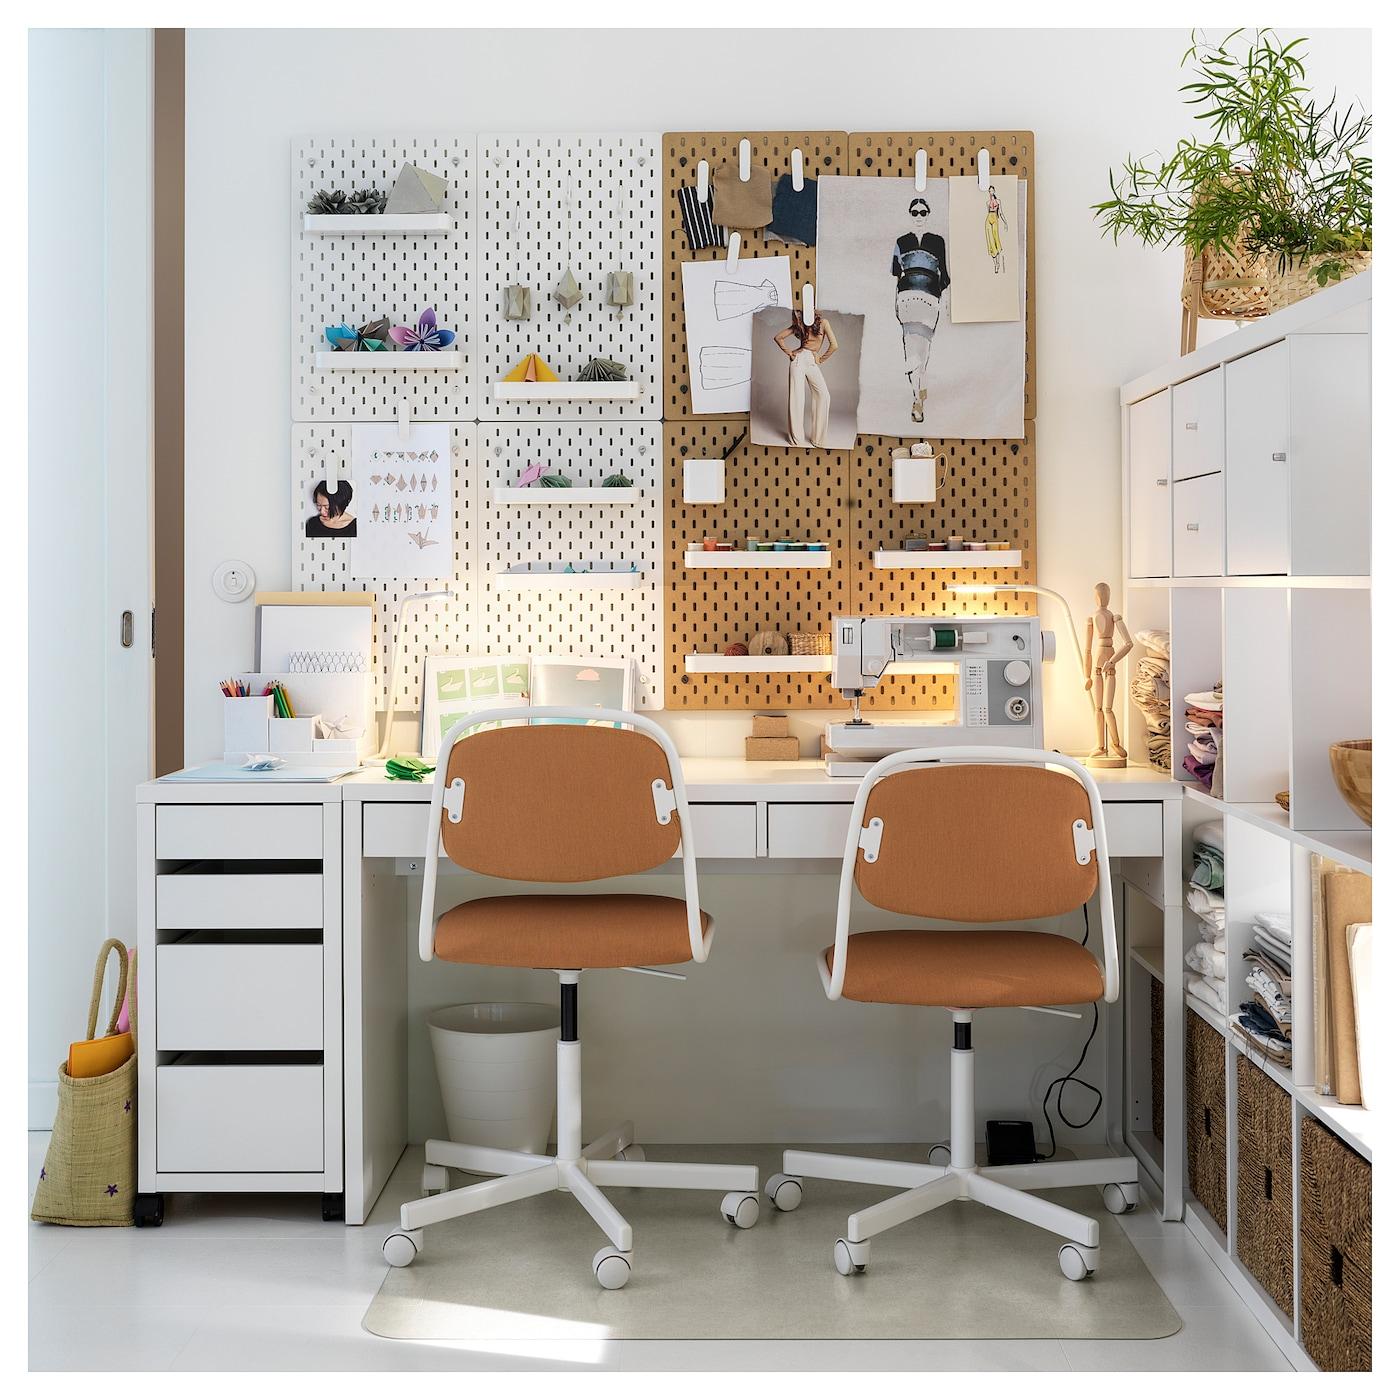 Ikea Micke Scrivania Ufficio Bianco 105x50 Cm Arredamento Com Scrivanie E Postazioni Di Lavoro